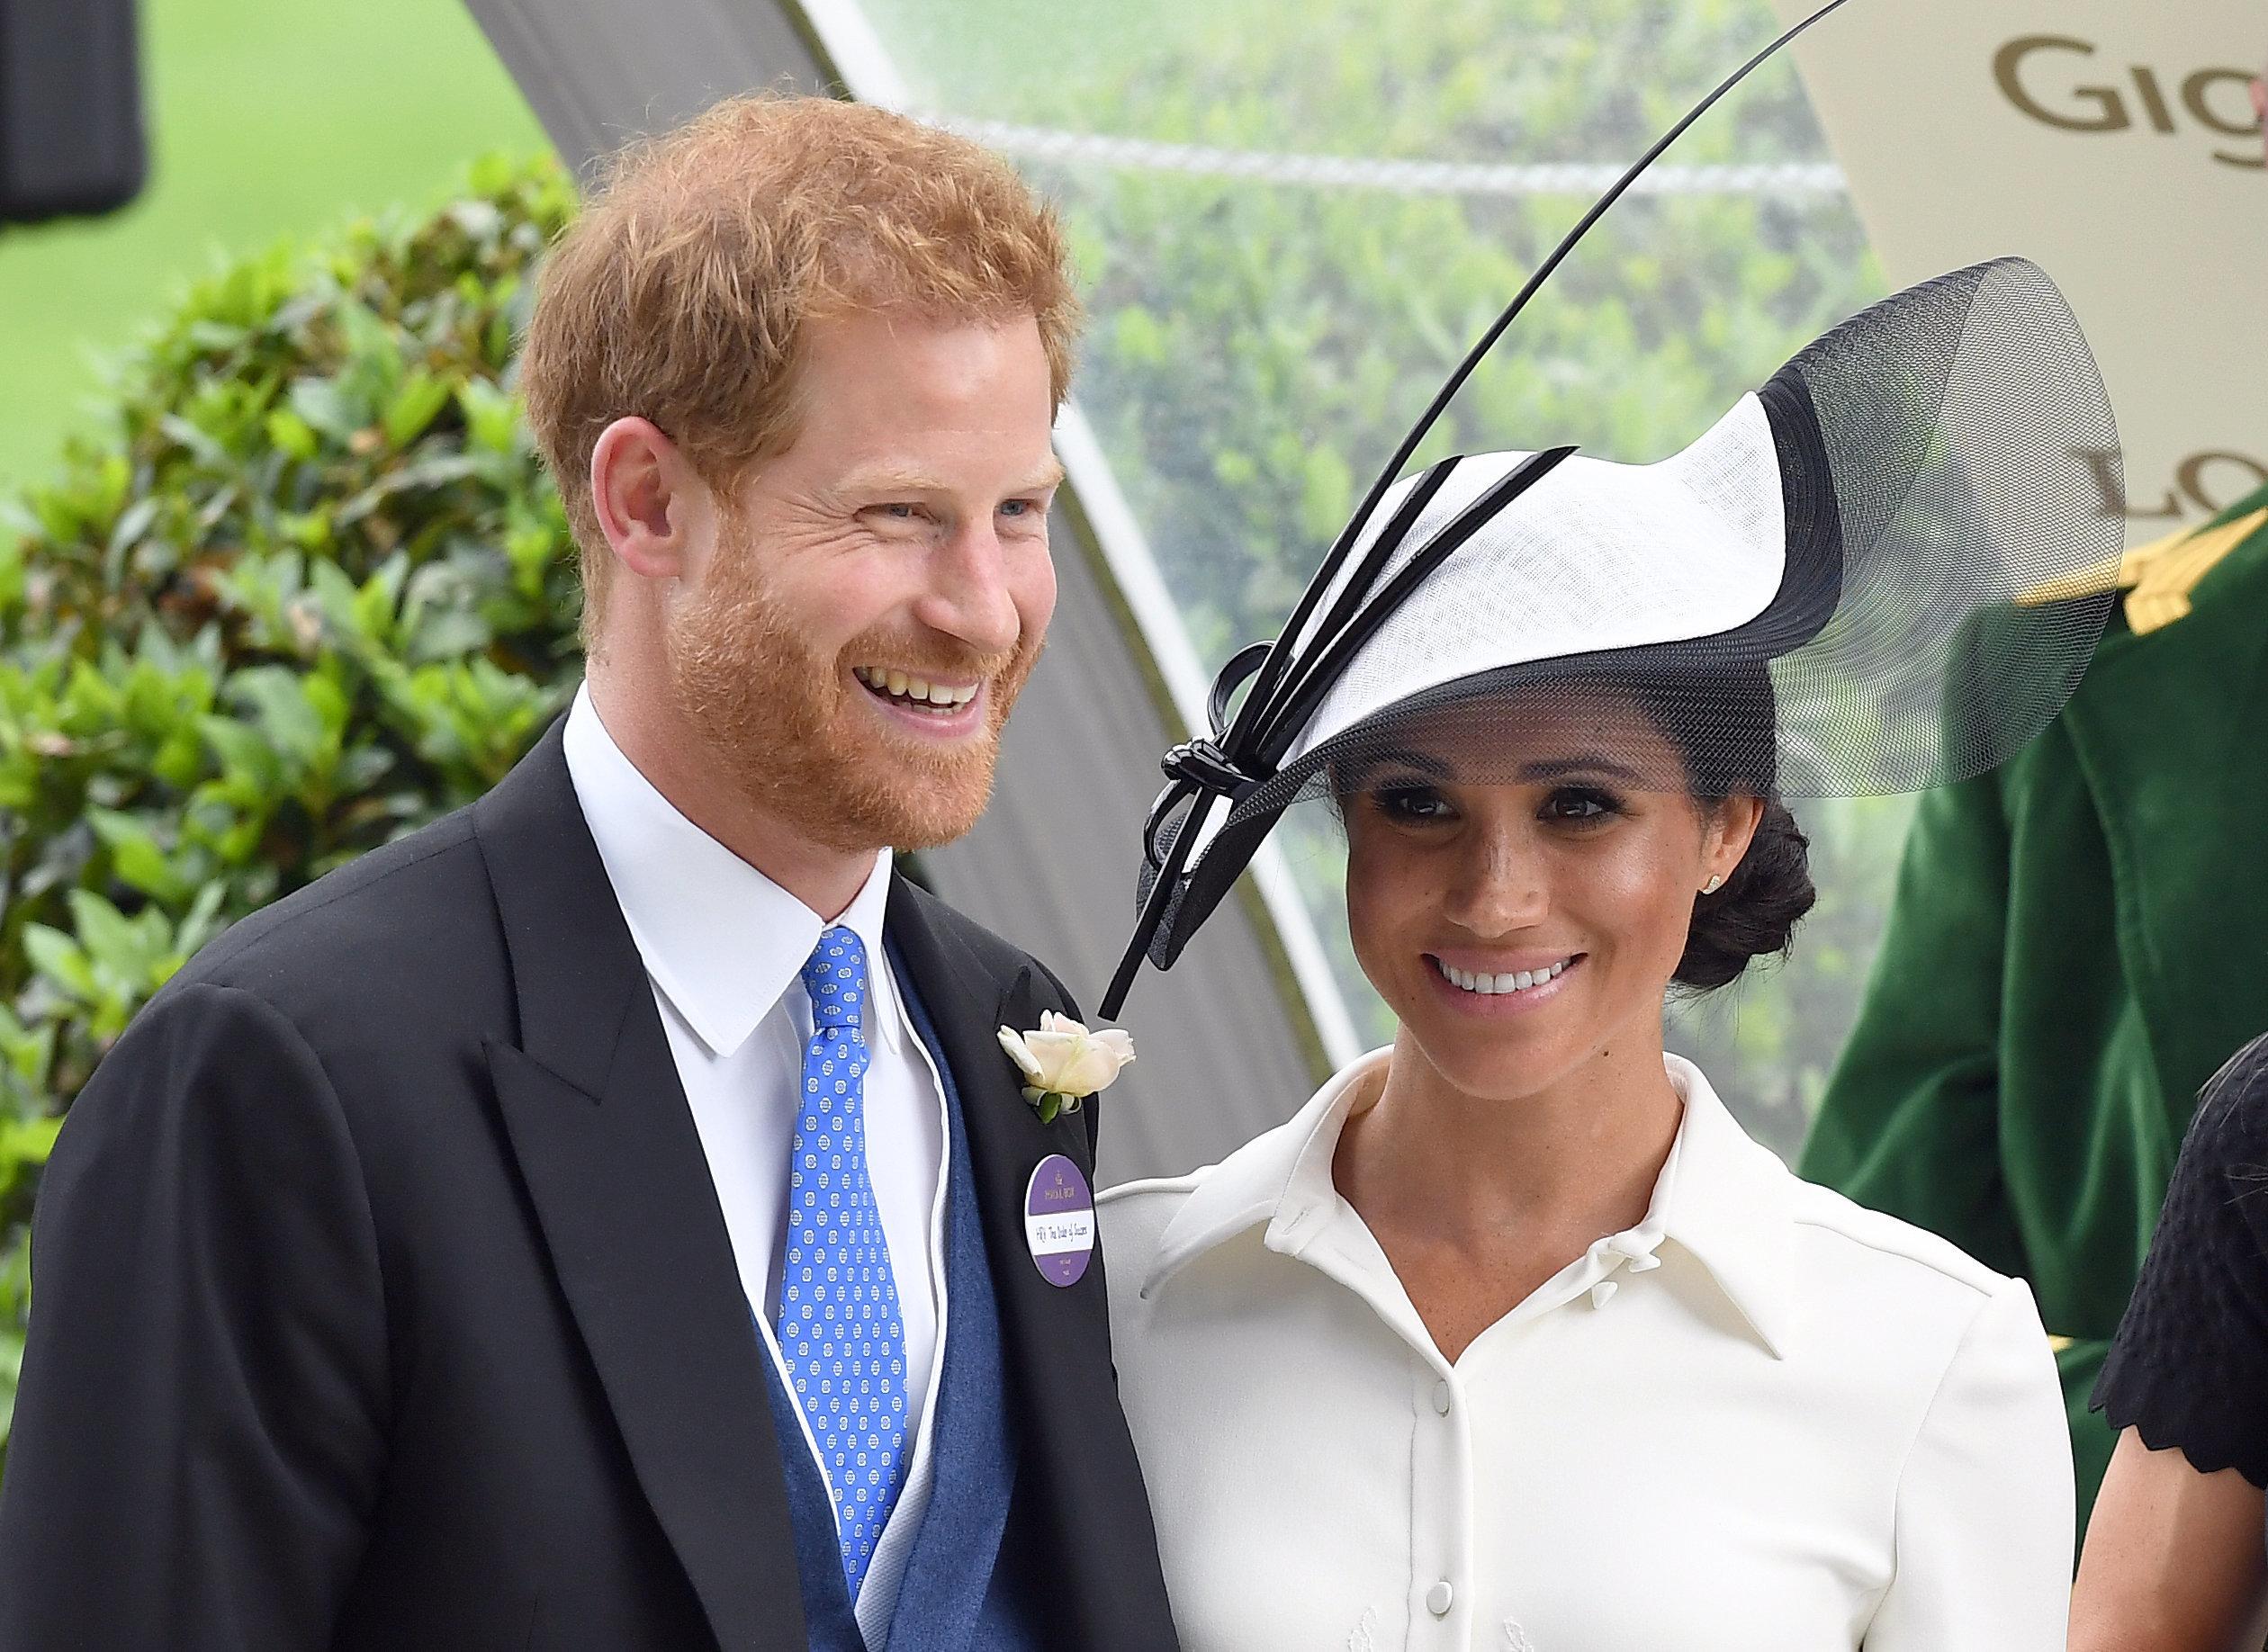 Οι δυσοίωνες προβλέψεις του μέντιουμ της Νταιάνα για τον γάμο του πρίγκιπα Χάρι με την Μέγκαν Μαρκλ